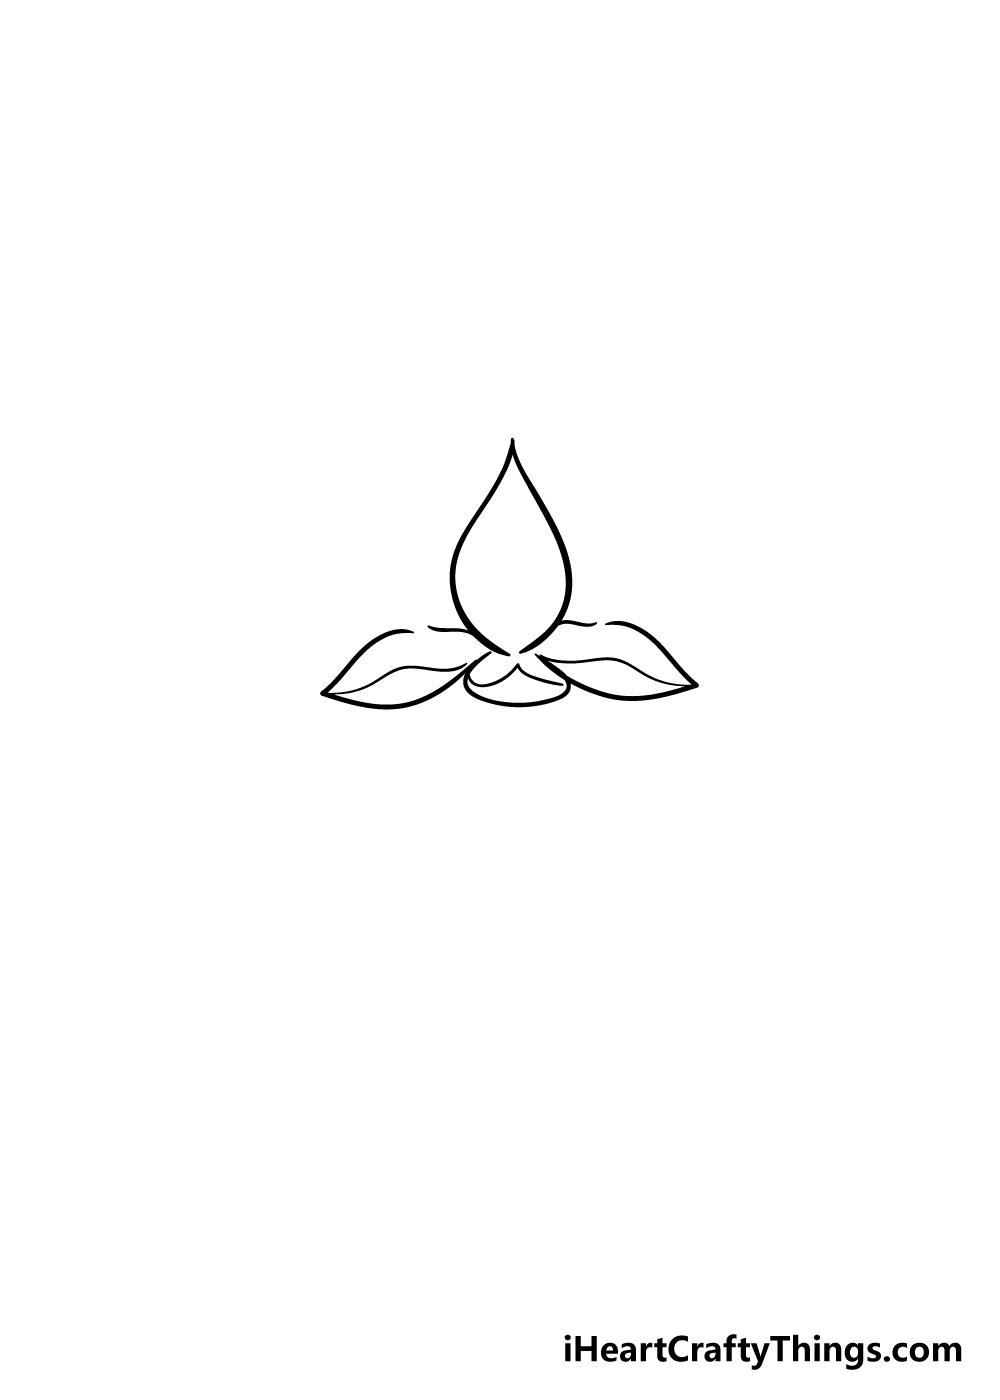 lotus flower drawing step 3